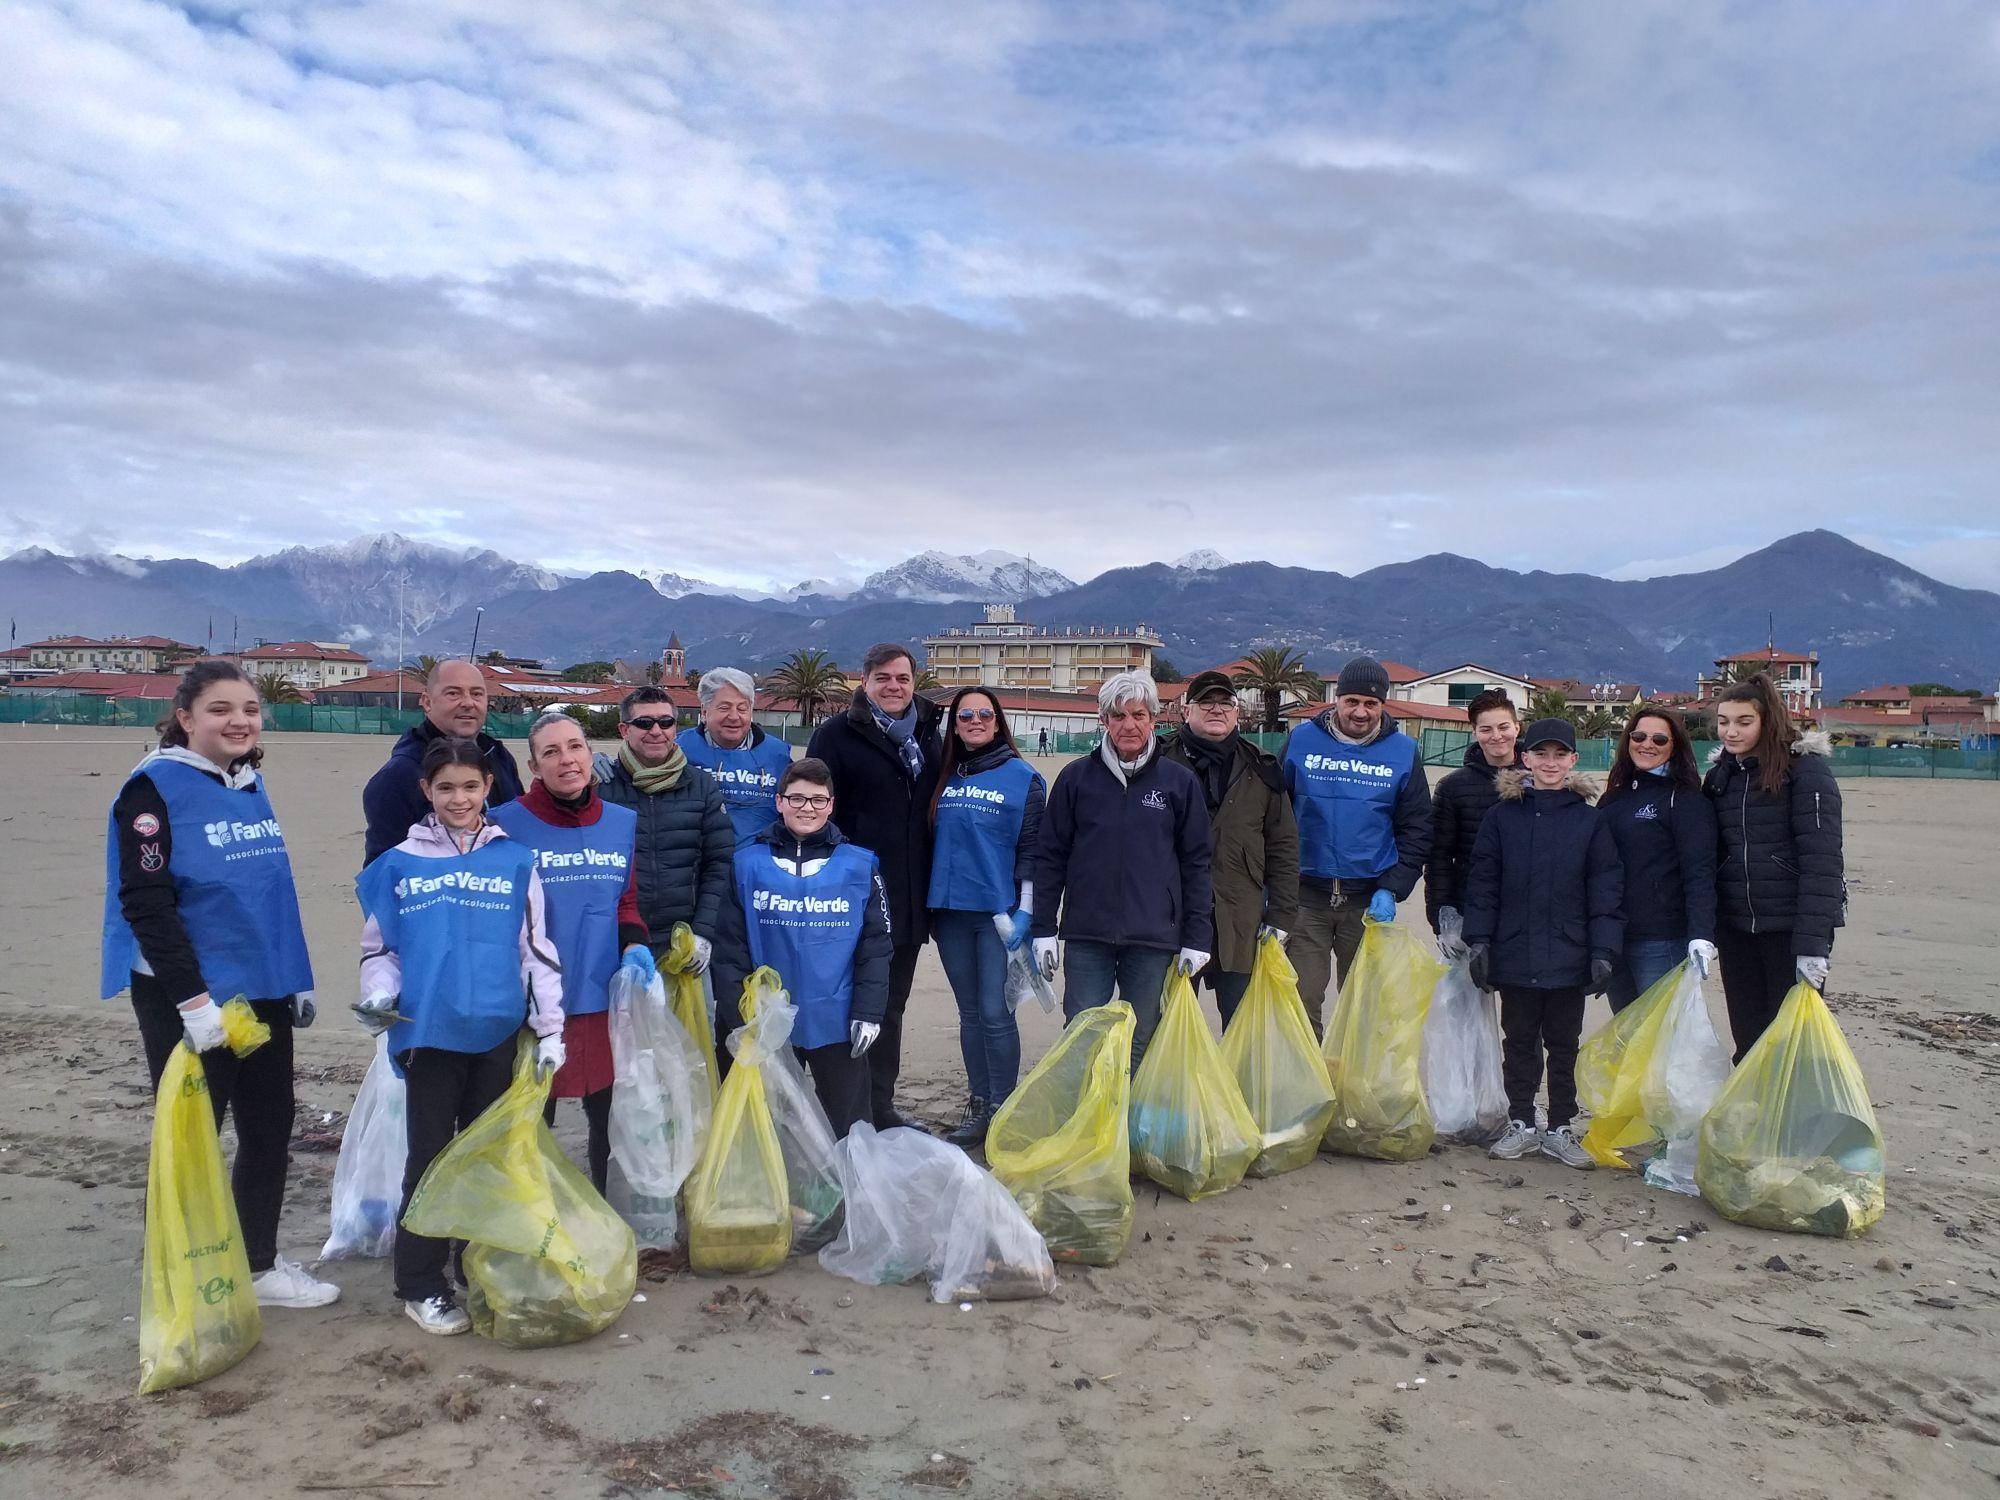 5 quintali di plastica sulla spiaggia di Tonfano: tra i rifiuti anche un barchetta in resina